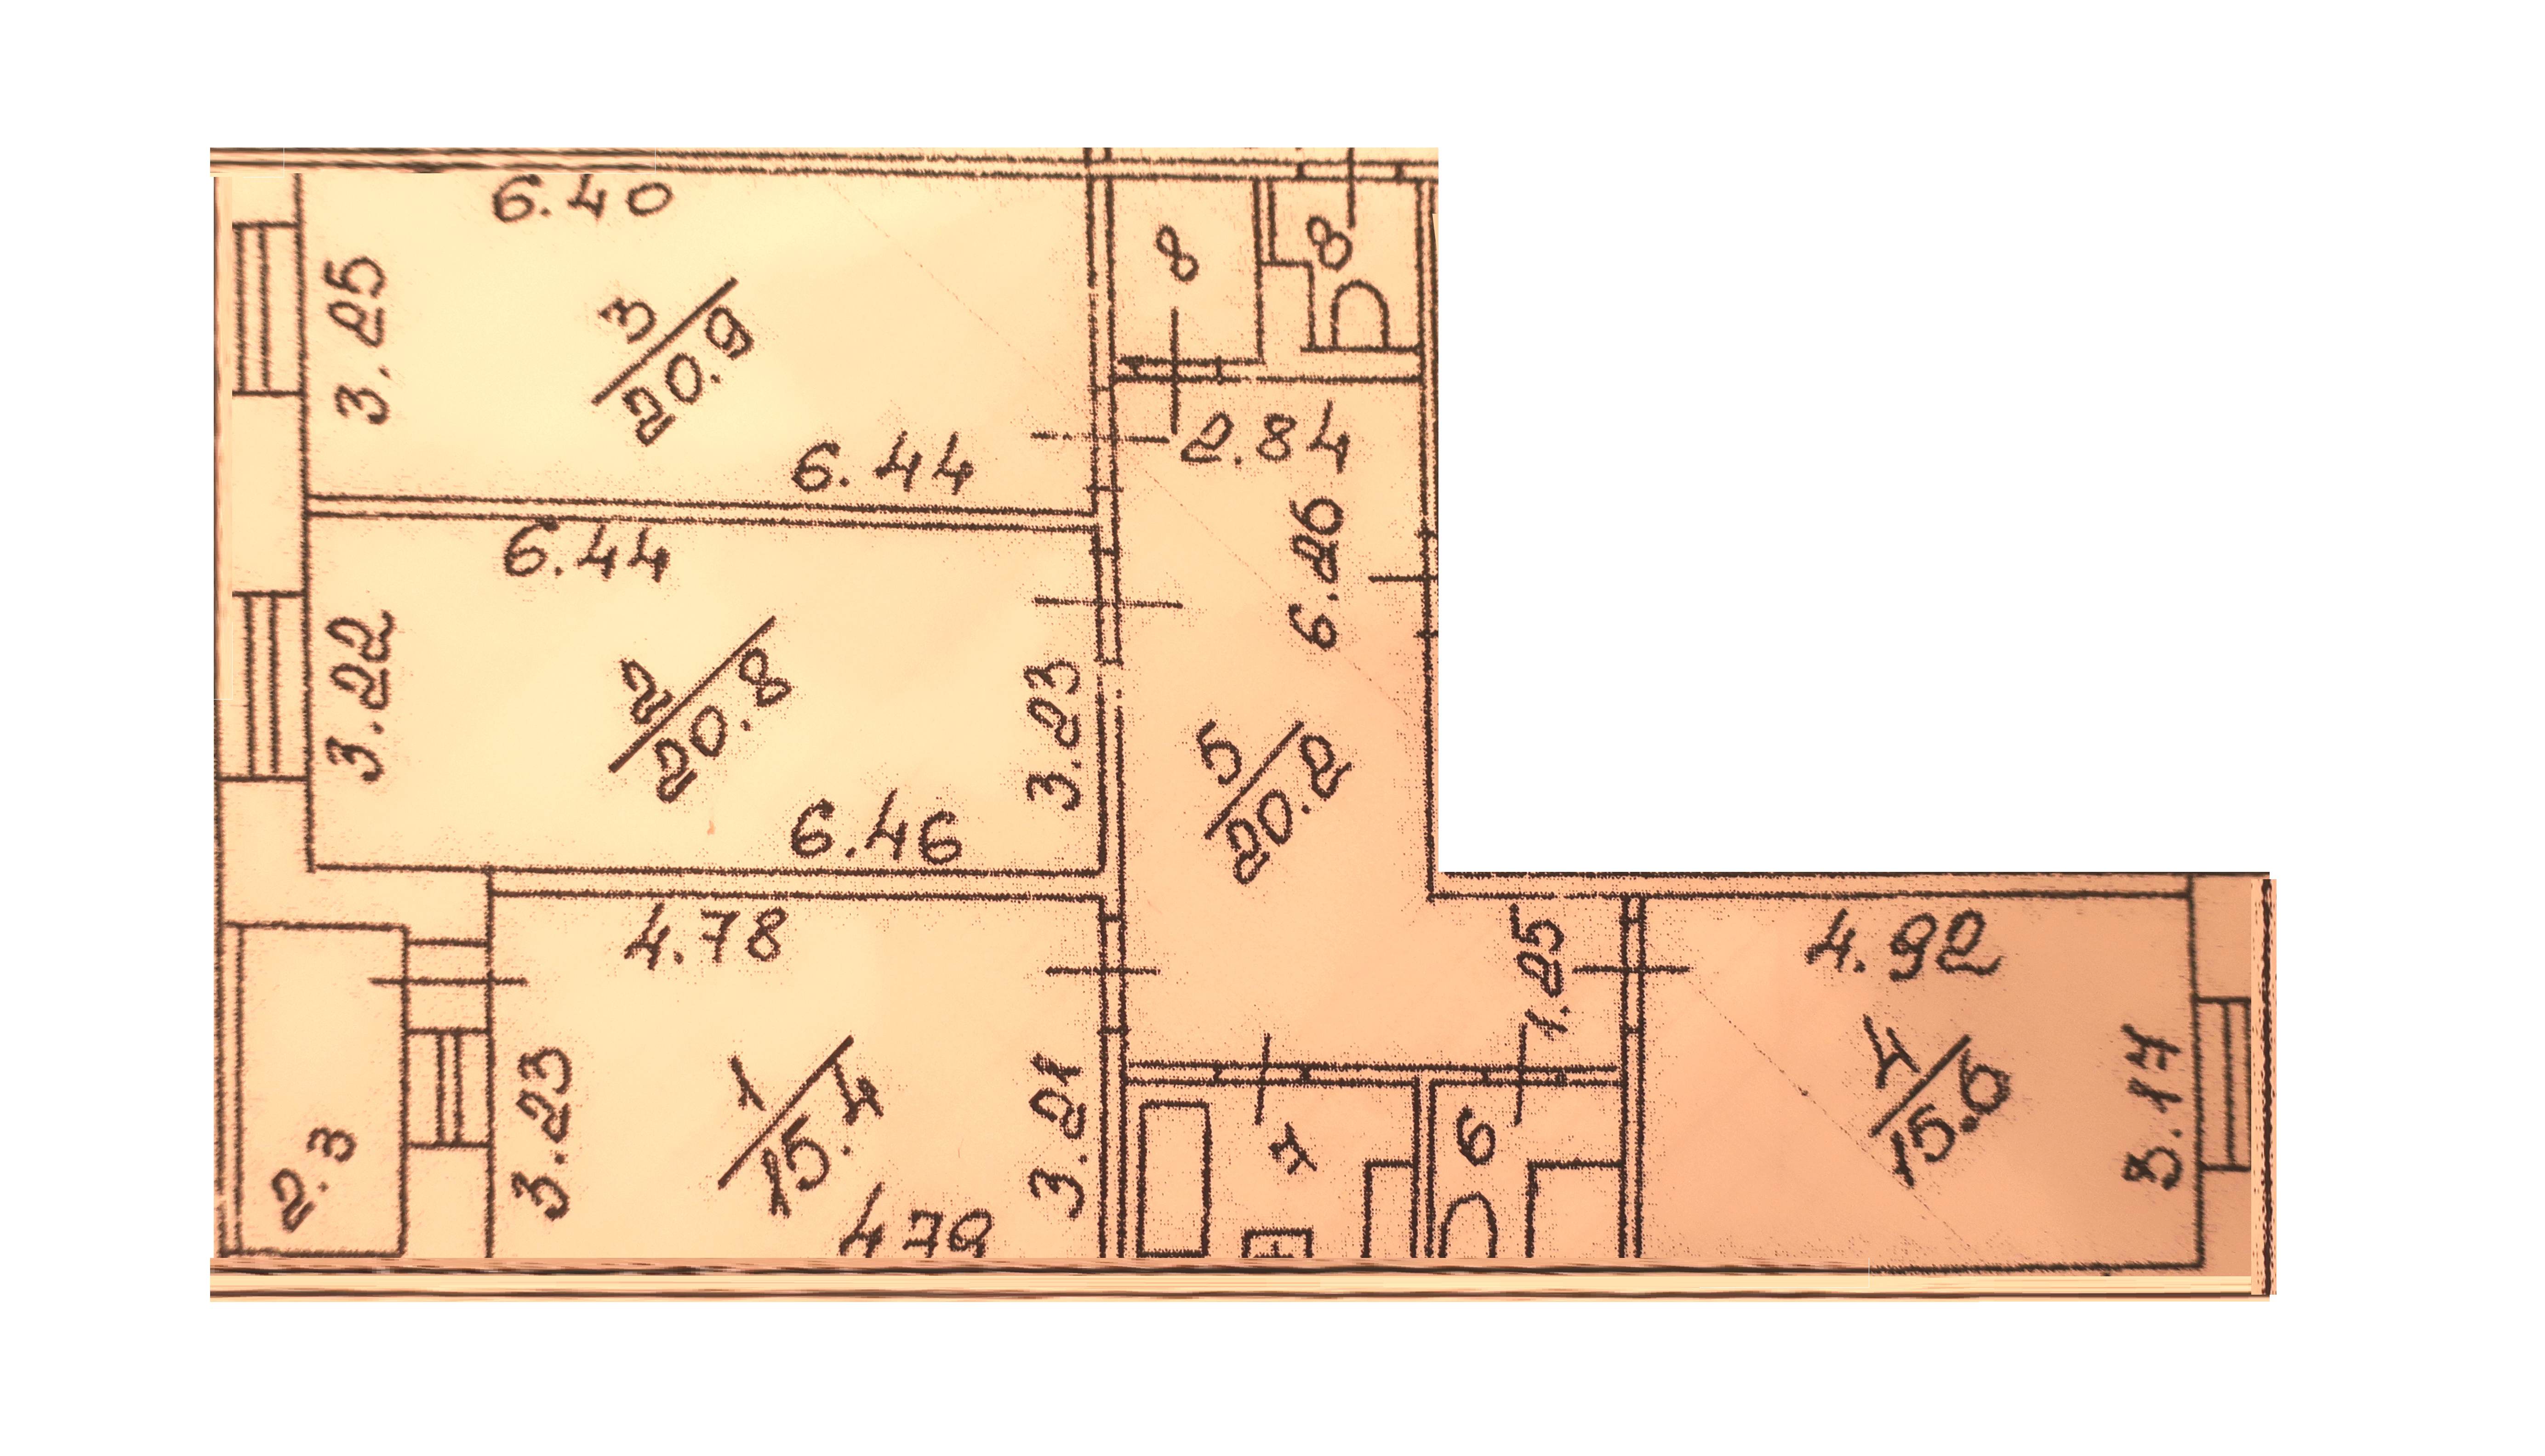 3-комнатная квартира, 103.7 м², 6 этаж – Планировка